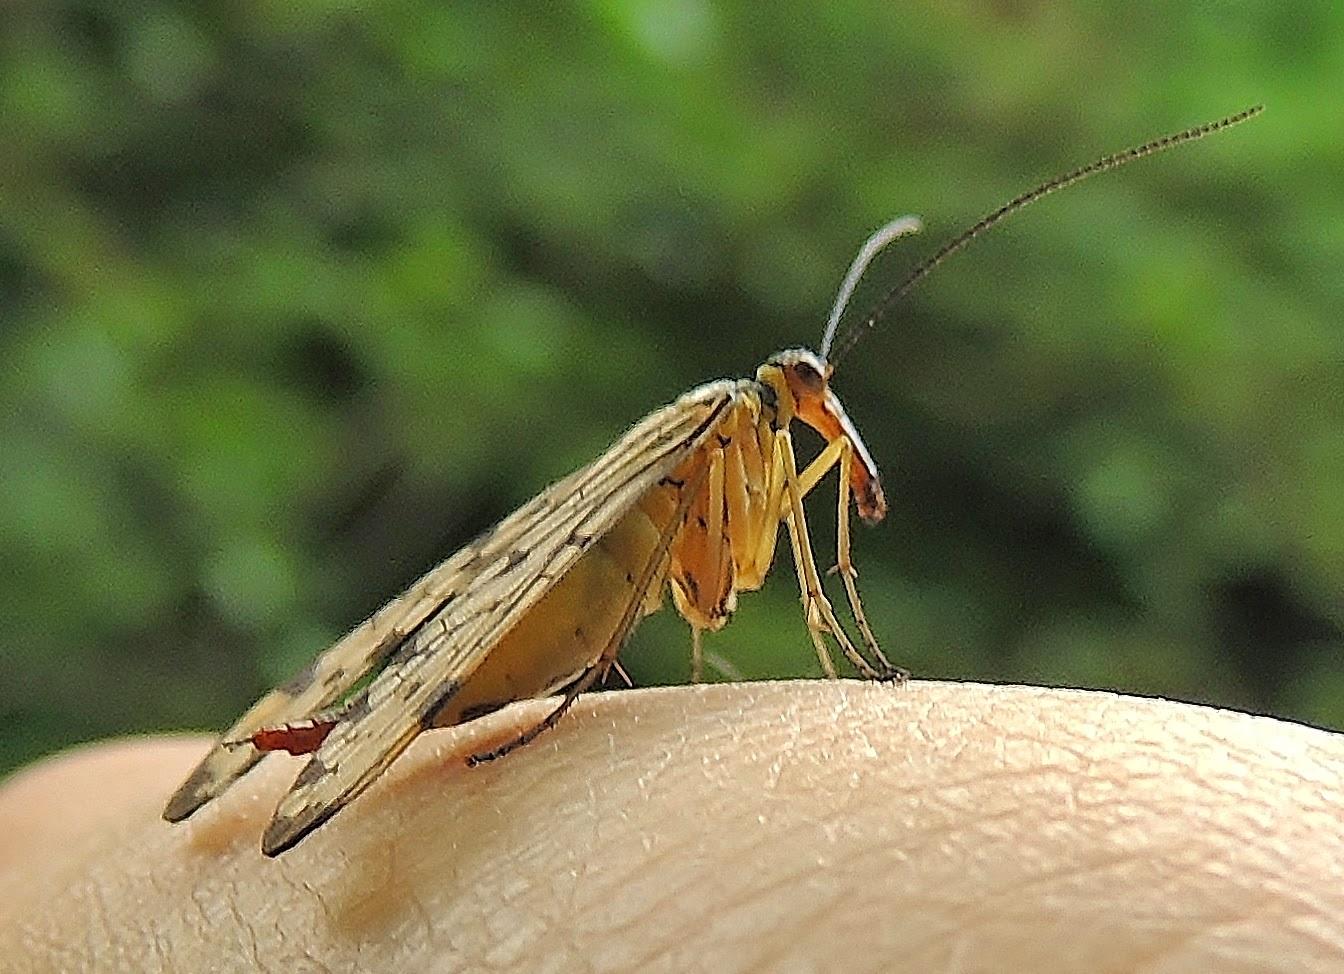 Mosca-escorpión5